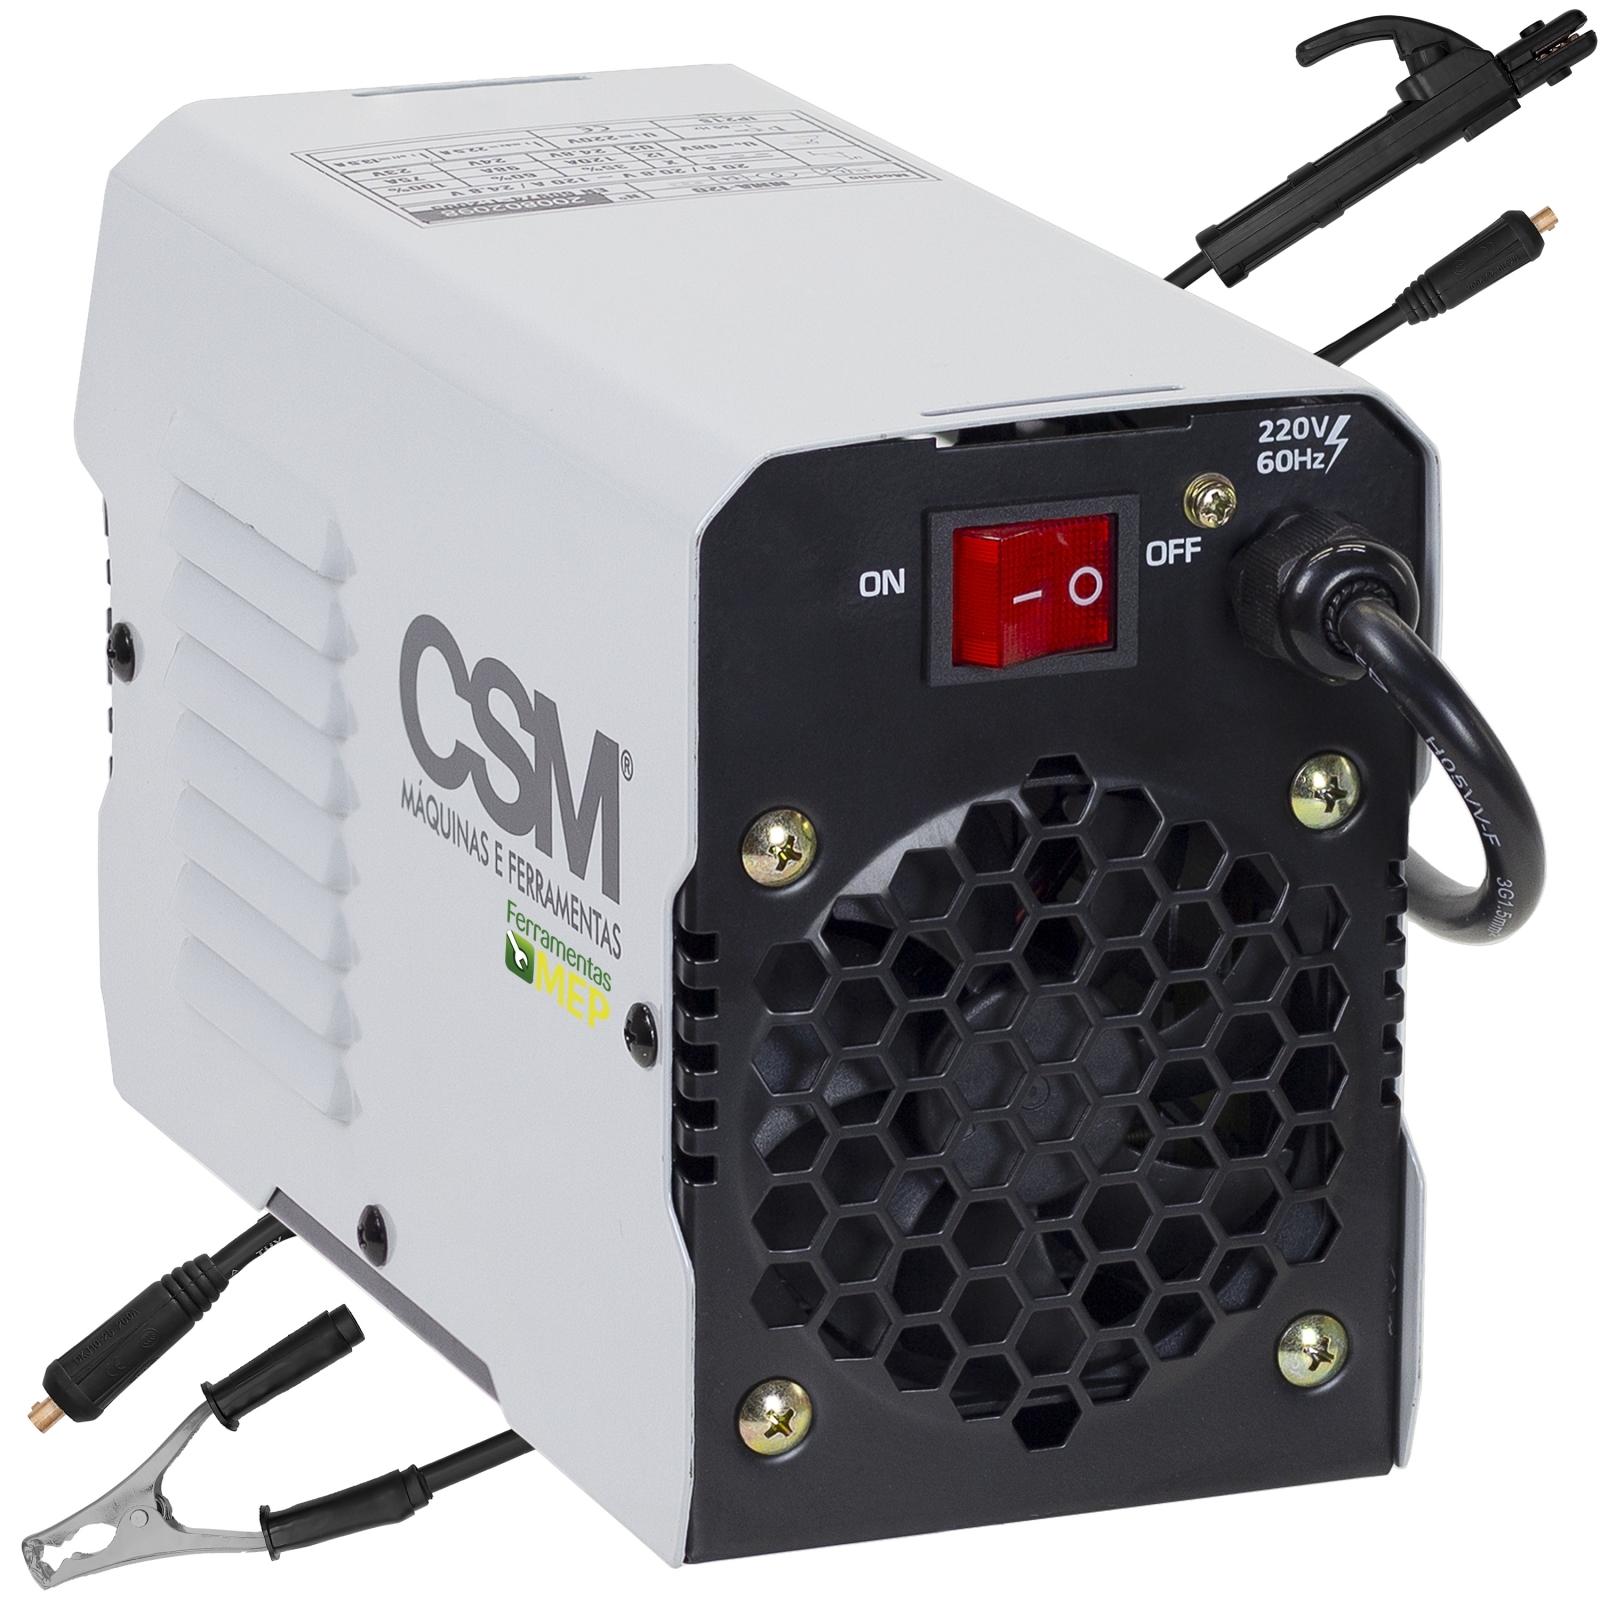 Máquina de Solda Inversora Csm 120amp 220v Mma-120 Csm120 - Ferramentas MEP